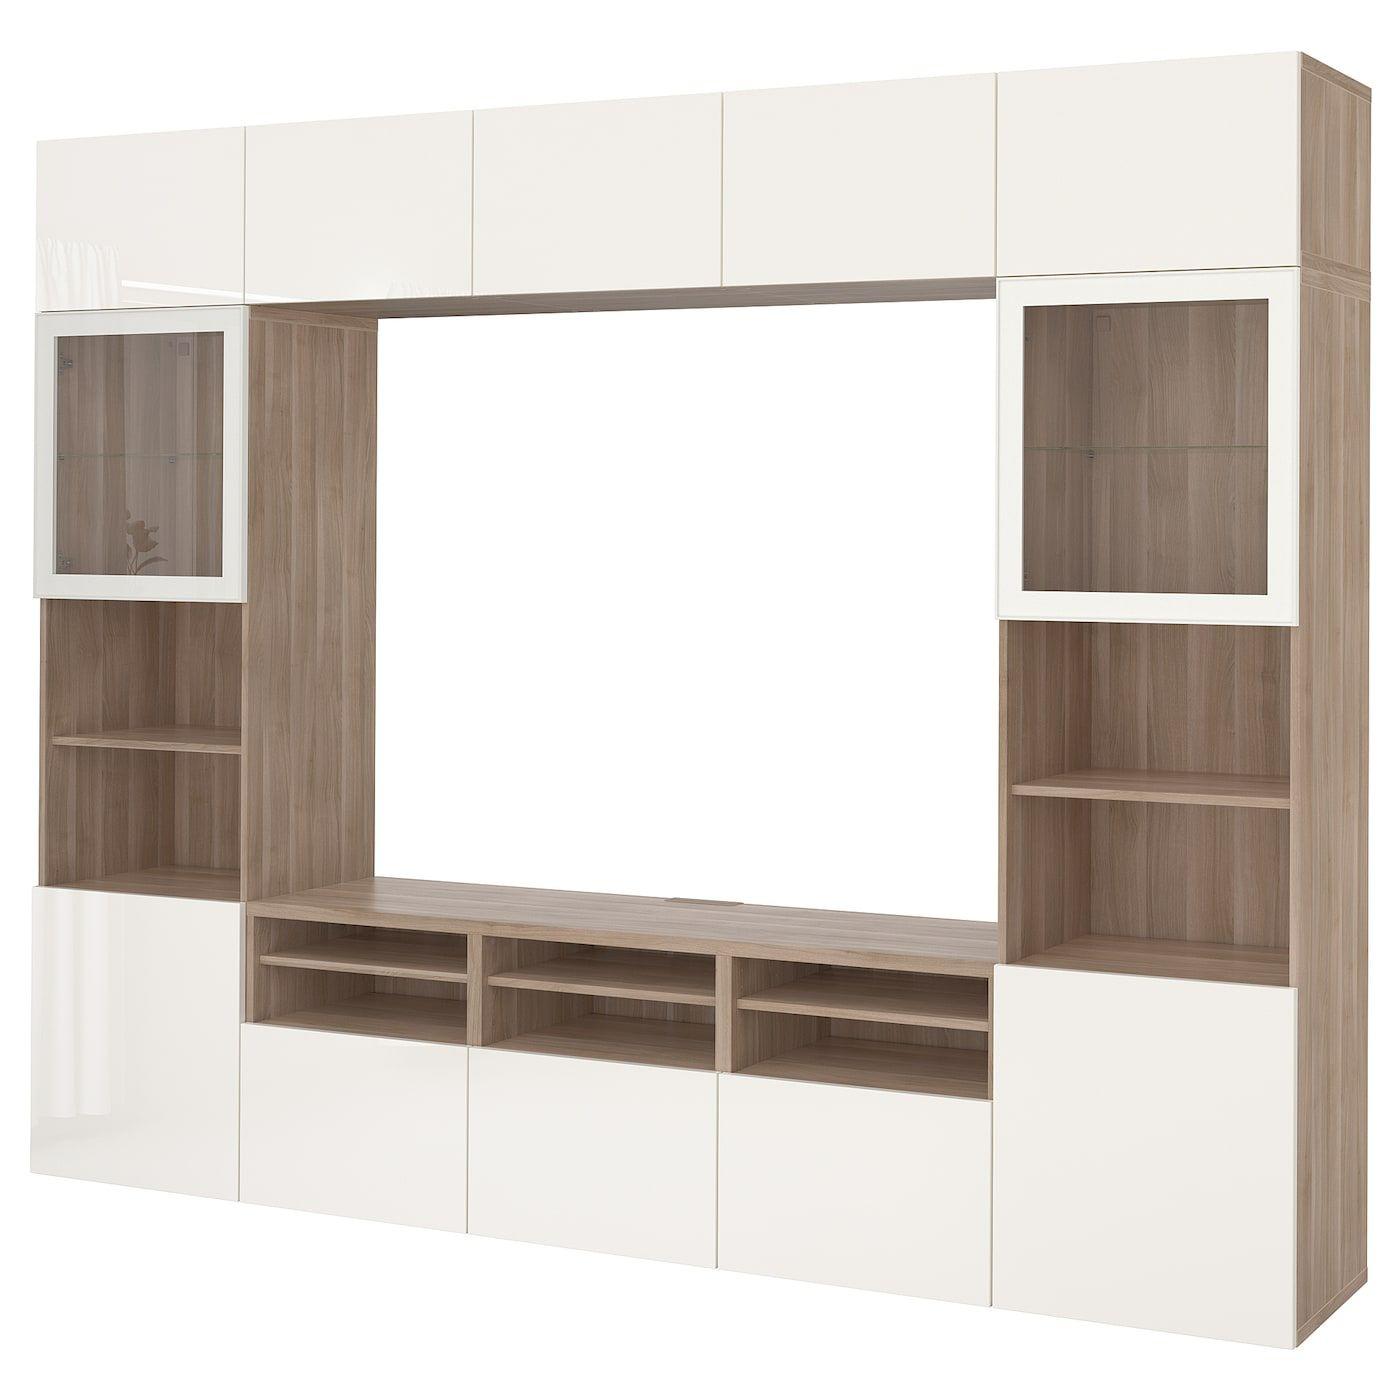 Mobilier Et Decoration Interieur Et Exterieur Boite Ikea Mobilier De Salon Et Ikea